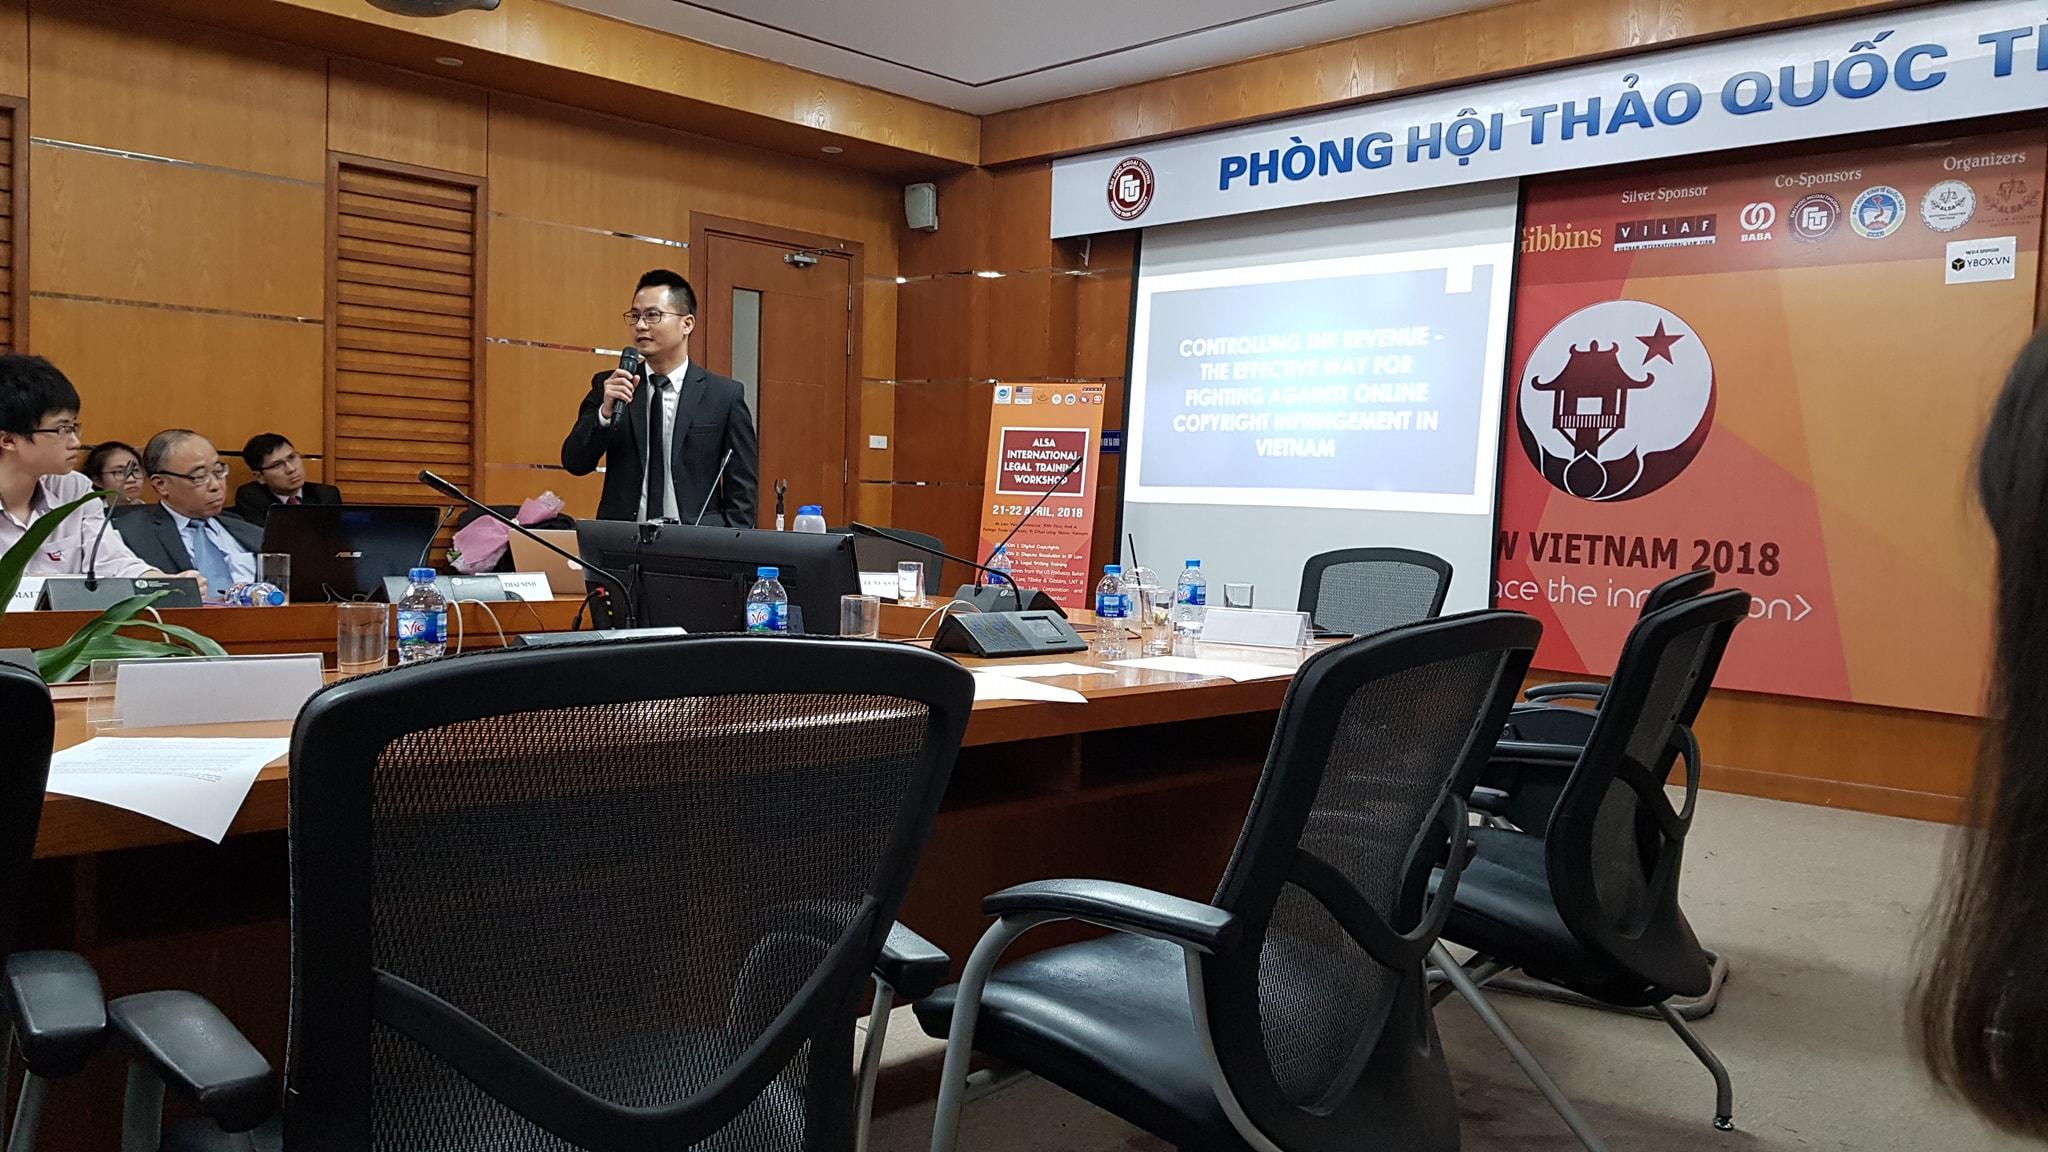 Luật sư Nguyễn Tiến Hoà tham gia hội thảo quốc tế về bản quyền